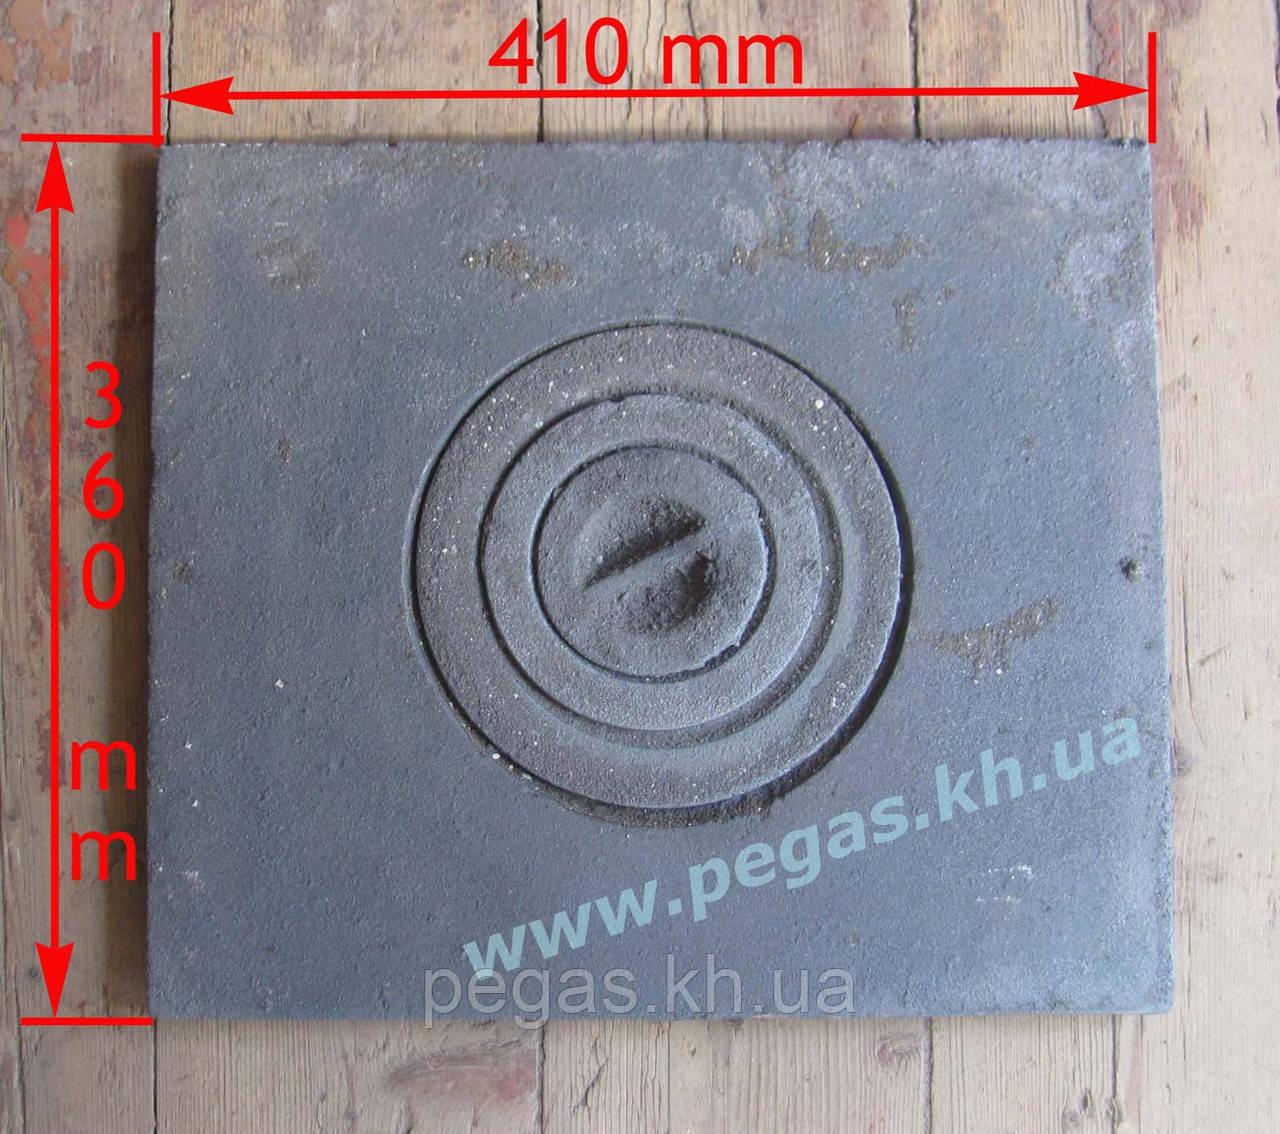 Плита чавунна печі, мангал, барбекю (360х410 мм)